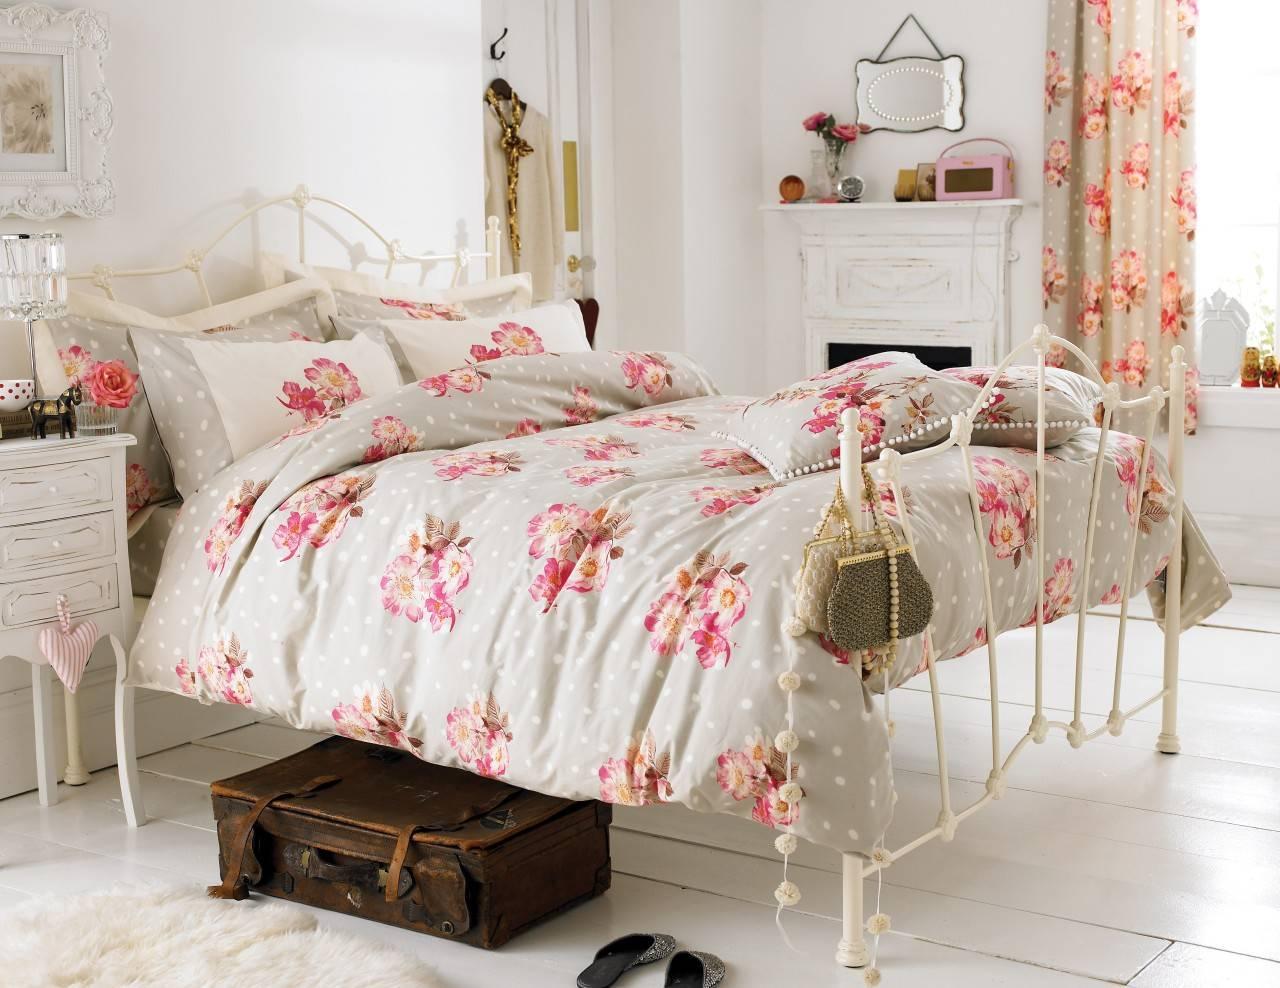 Спальня в стиле прованс (124 фото): романтичный дизайн интерьера, маленькая комната во французском стиле, идеи оформления мансарды